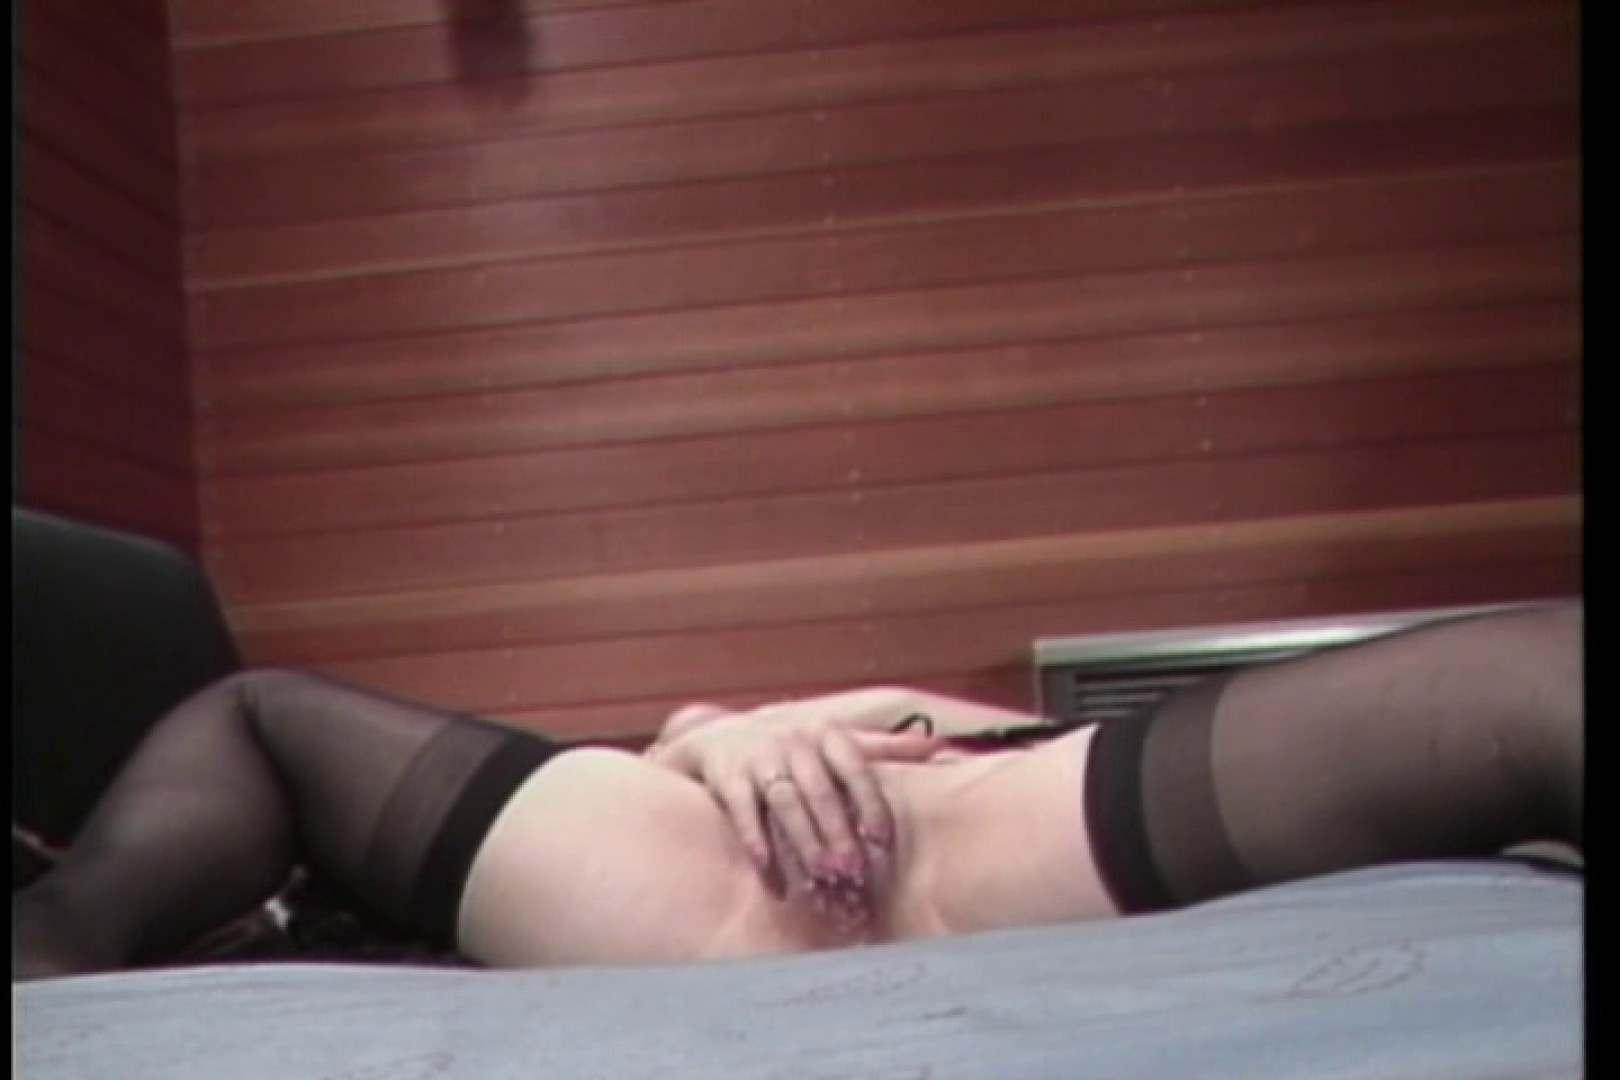 変態亜美のアブノーマルな世界・前編~夢野亜美~ オナニー特集   巨乳デカ乳  112画像 93